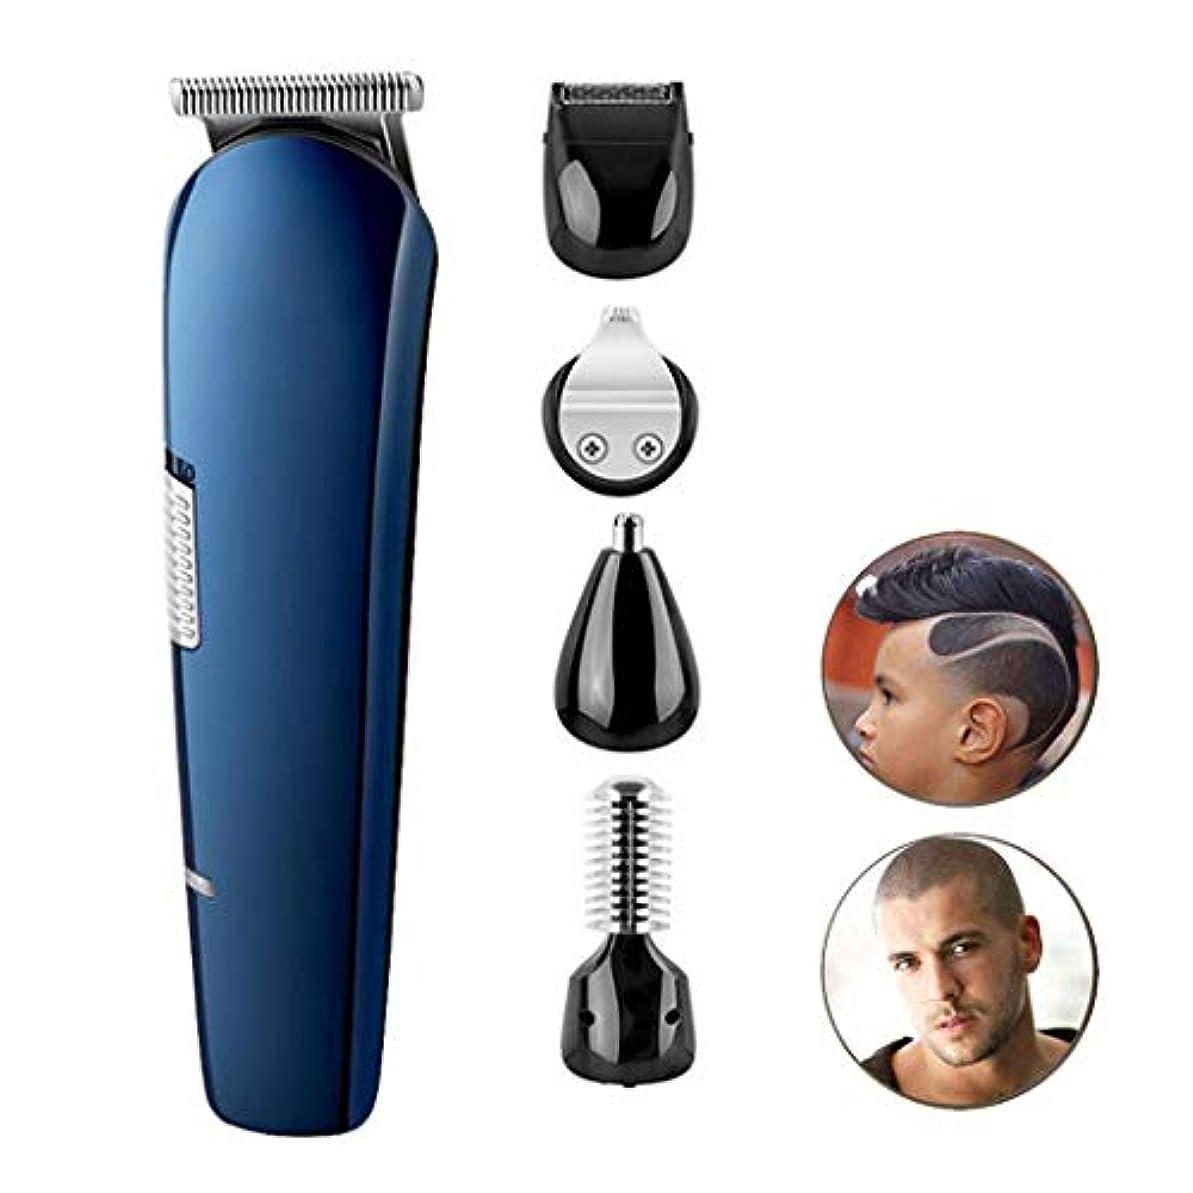 接辞穏やかなキャンセルバリカンクリップNのトリムの毛クリッパーメンズひげのトリマーコードレス再充電可能な専門の毛クリッパー